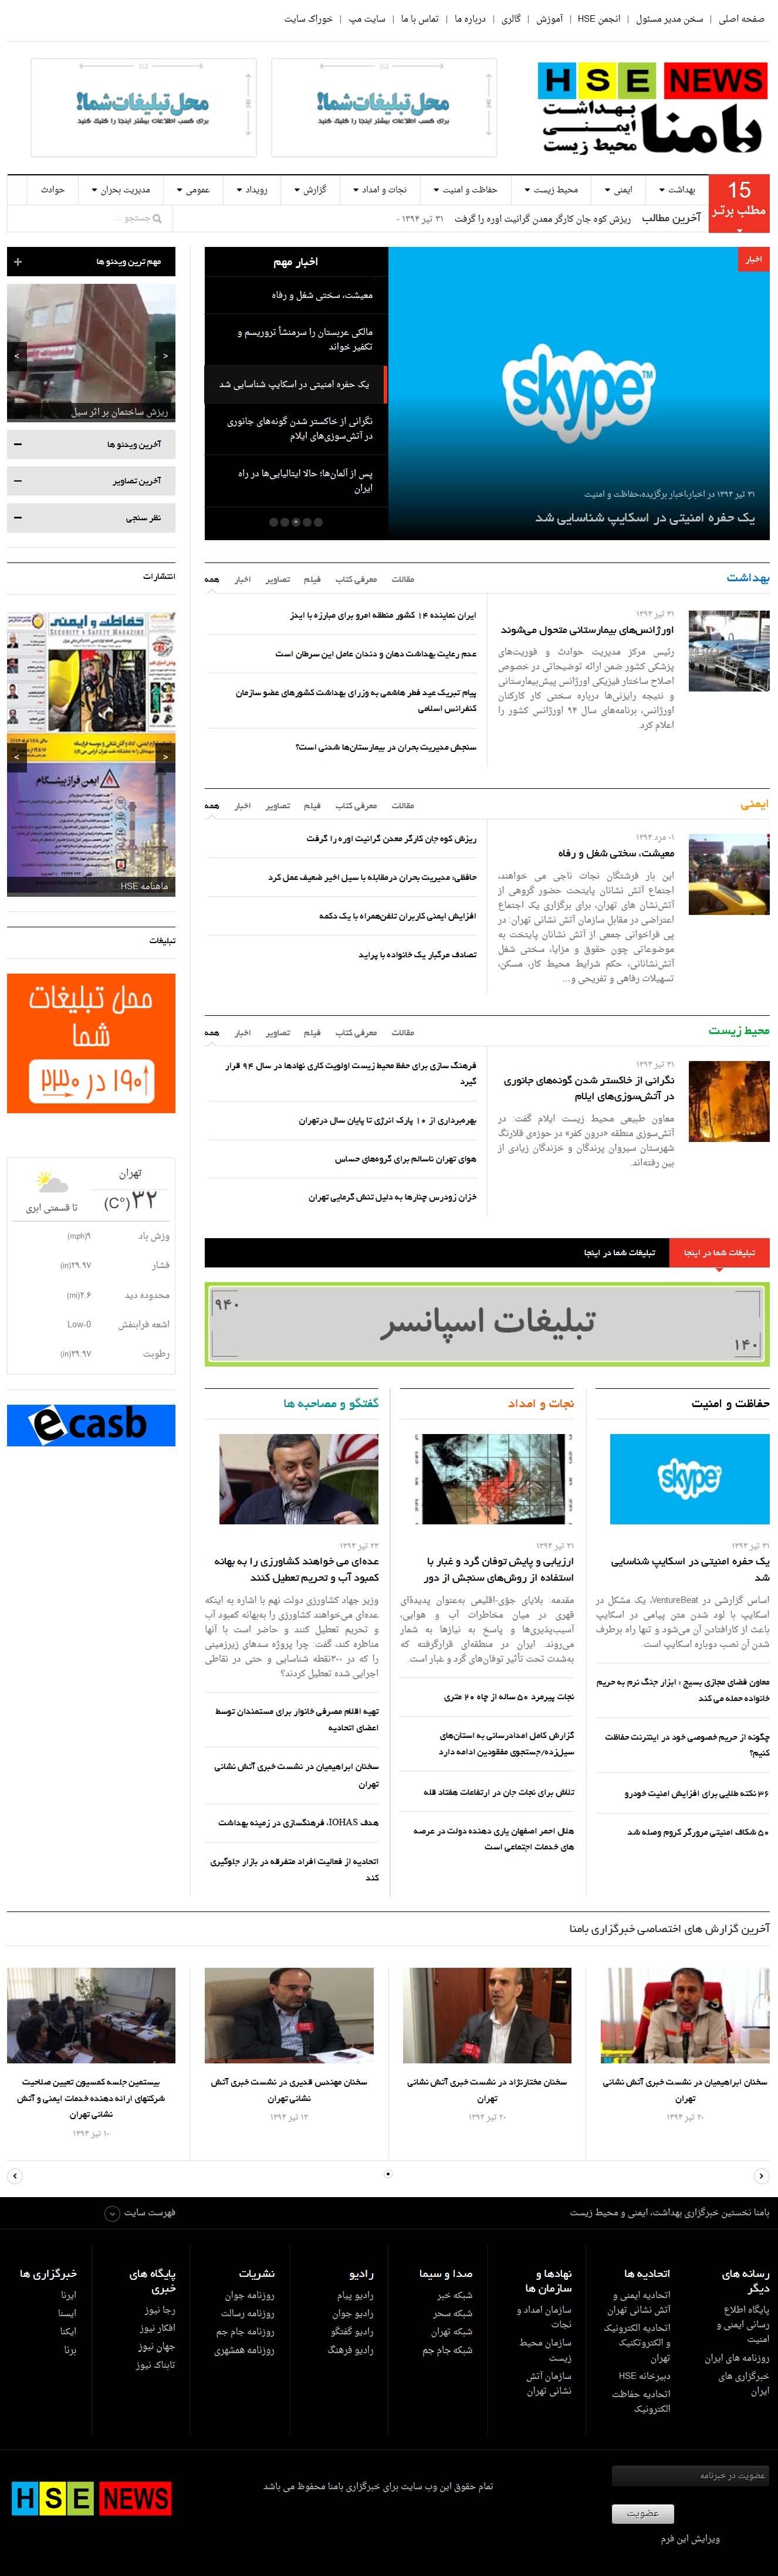 وب سایت پایگاه خبری بامنا